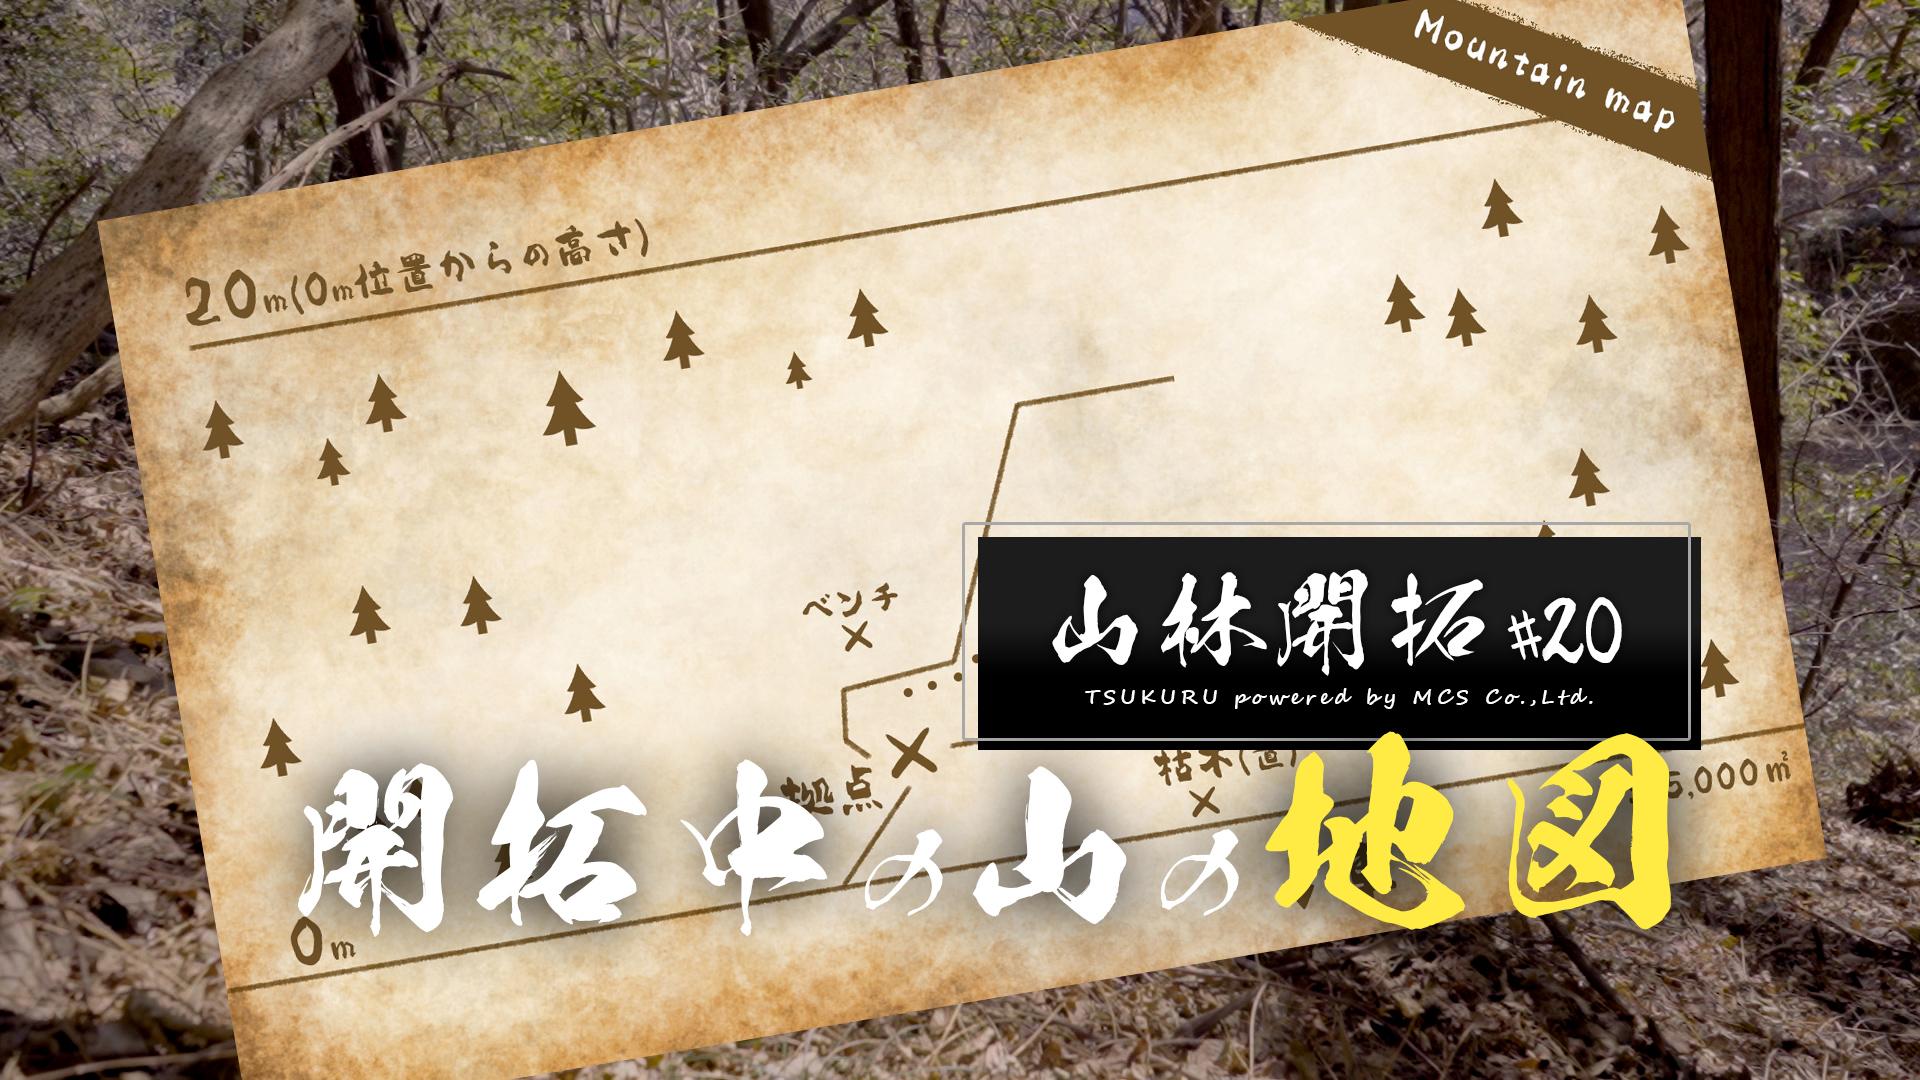 開拓中の山の地図